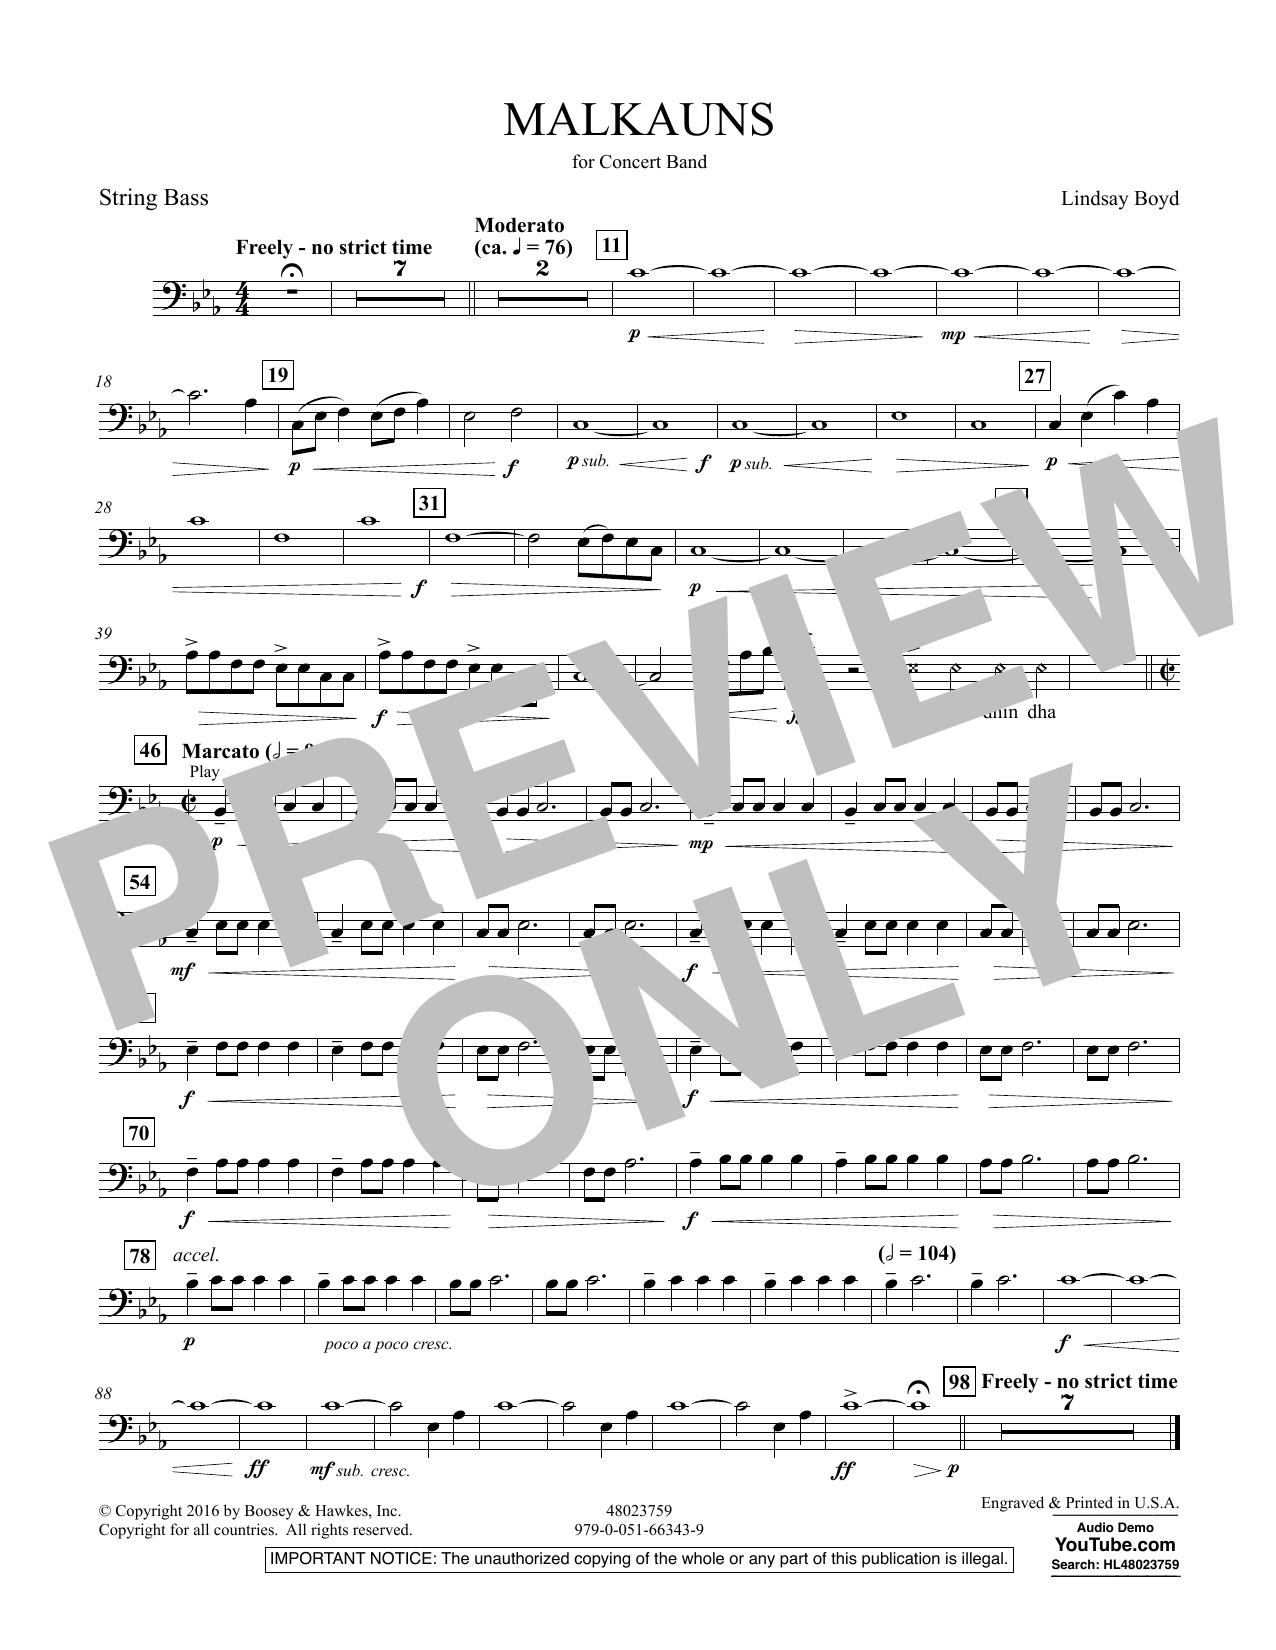 Malkauns - String Bass